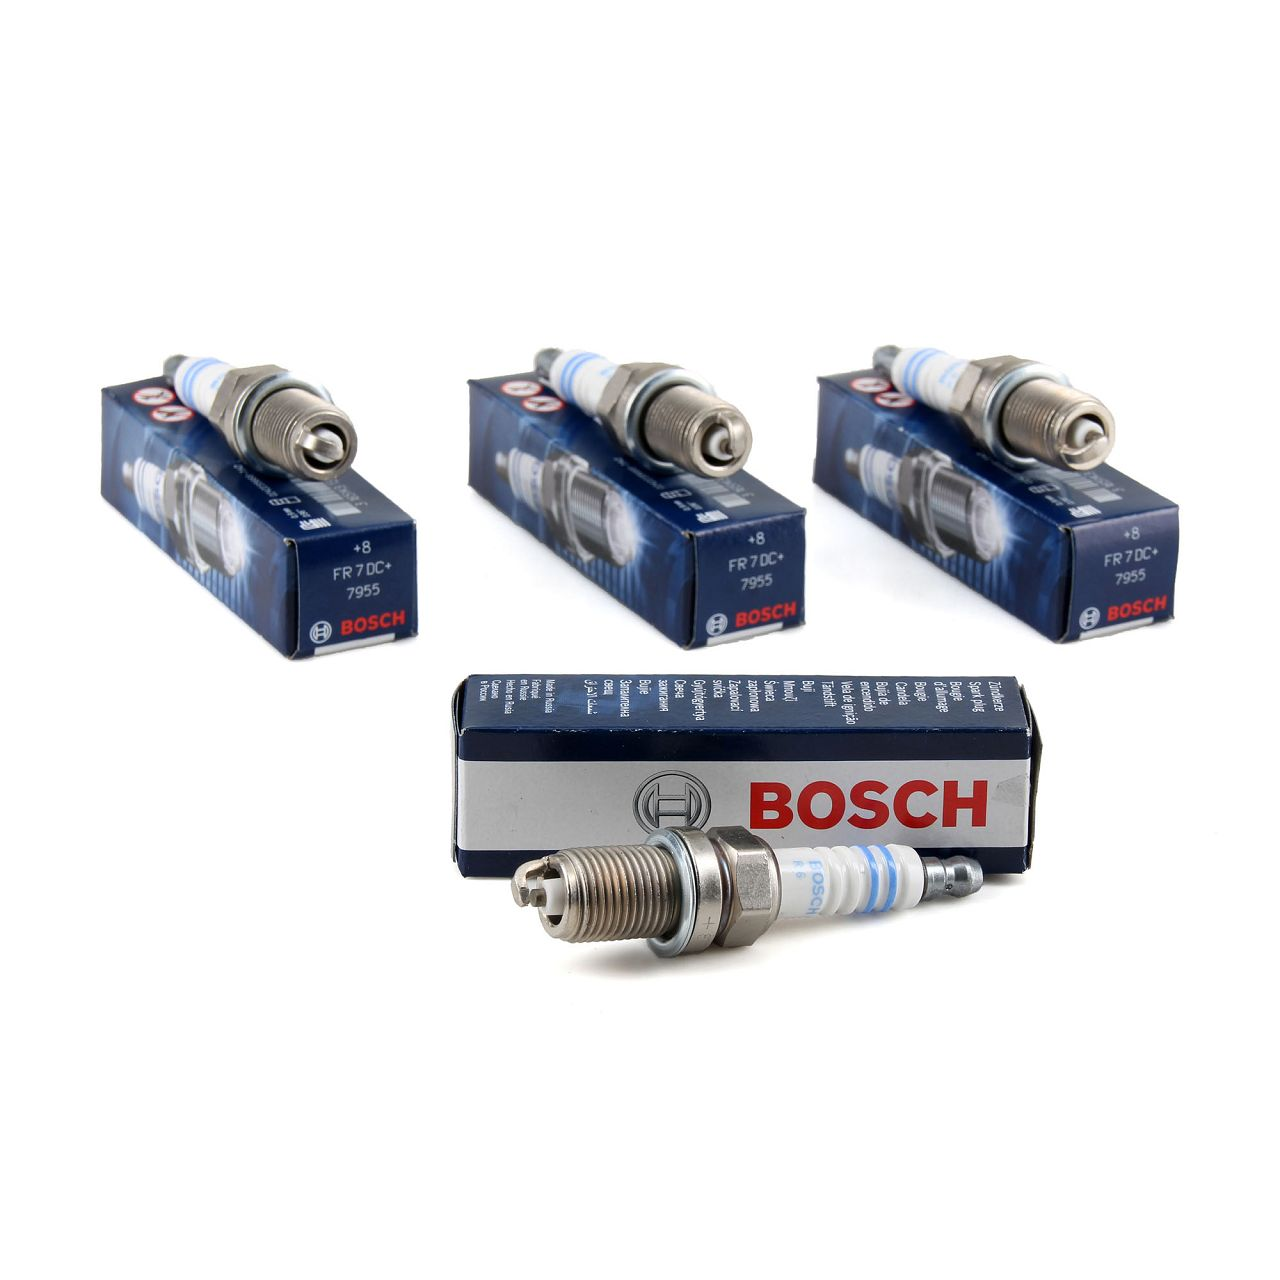 4x BOSCH Zündkerze Set NICKEL FR7DC+ 7955 +8 0242235666